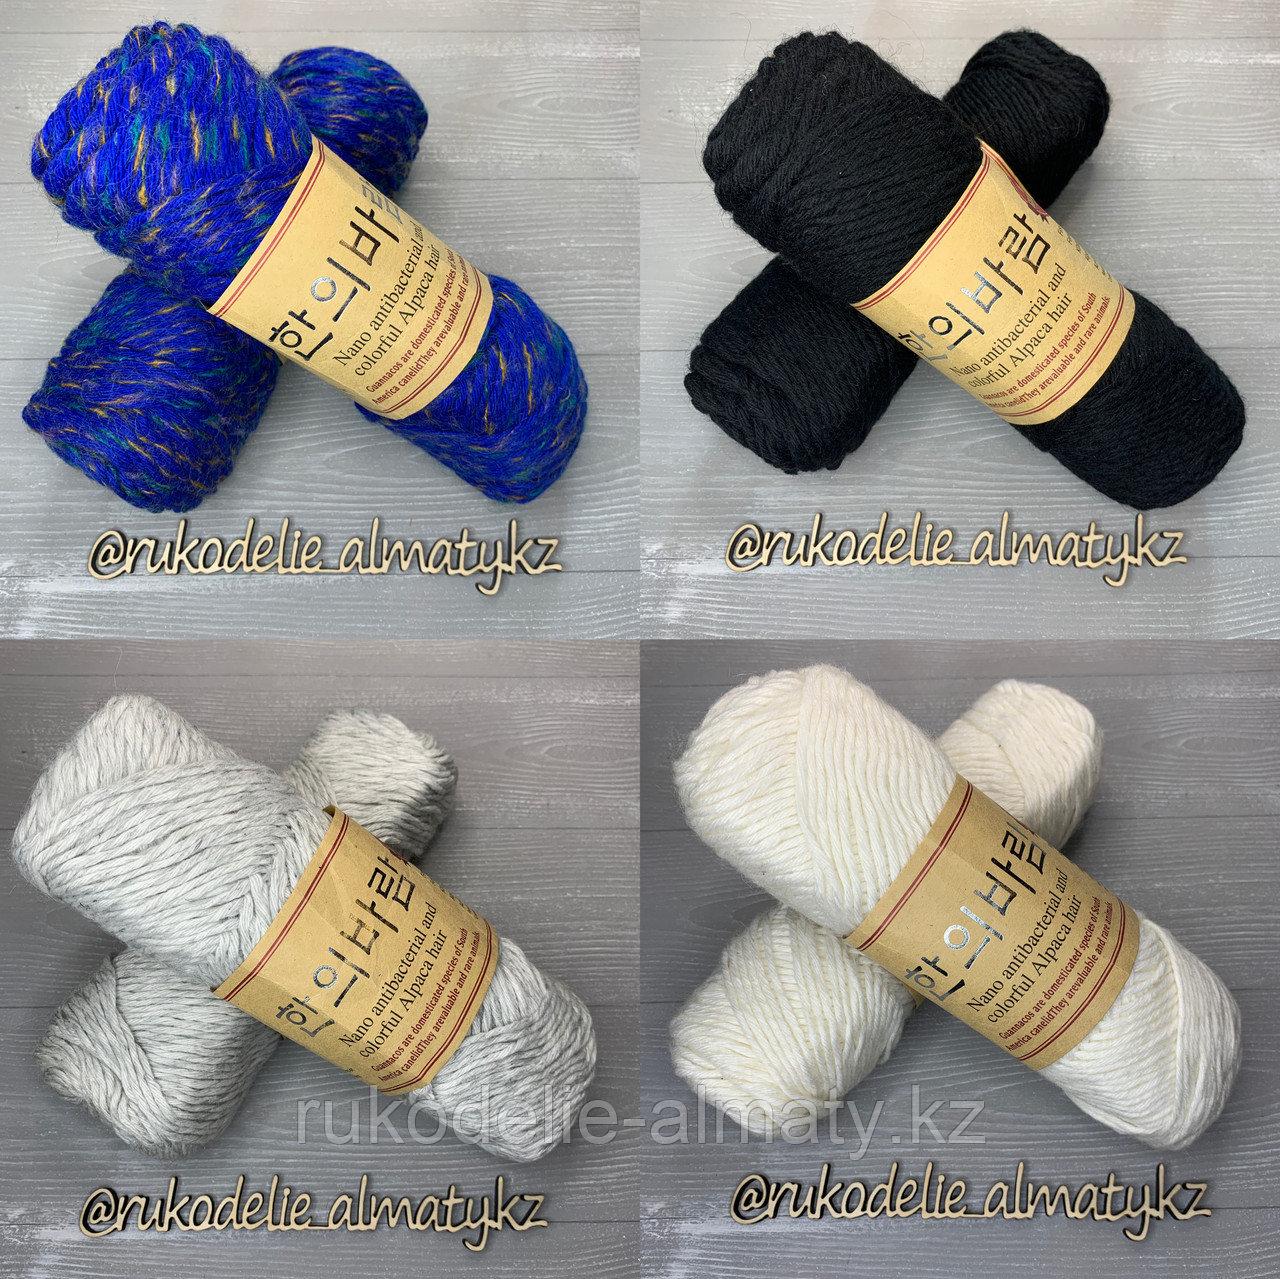 """Пряжа для ручного вязания """"NANO """", 100 гр, цвет-светло-серый - фото 3"""